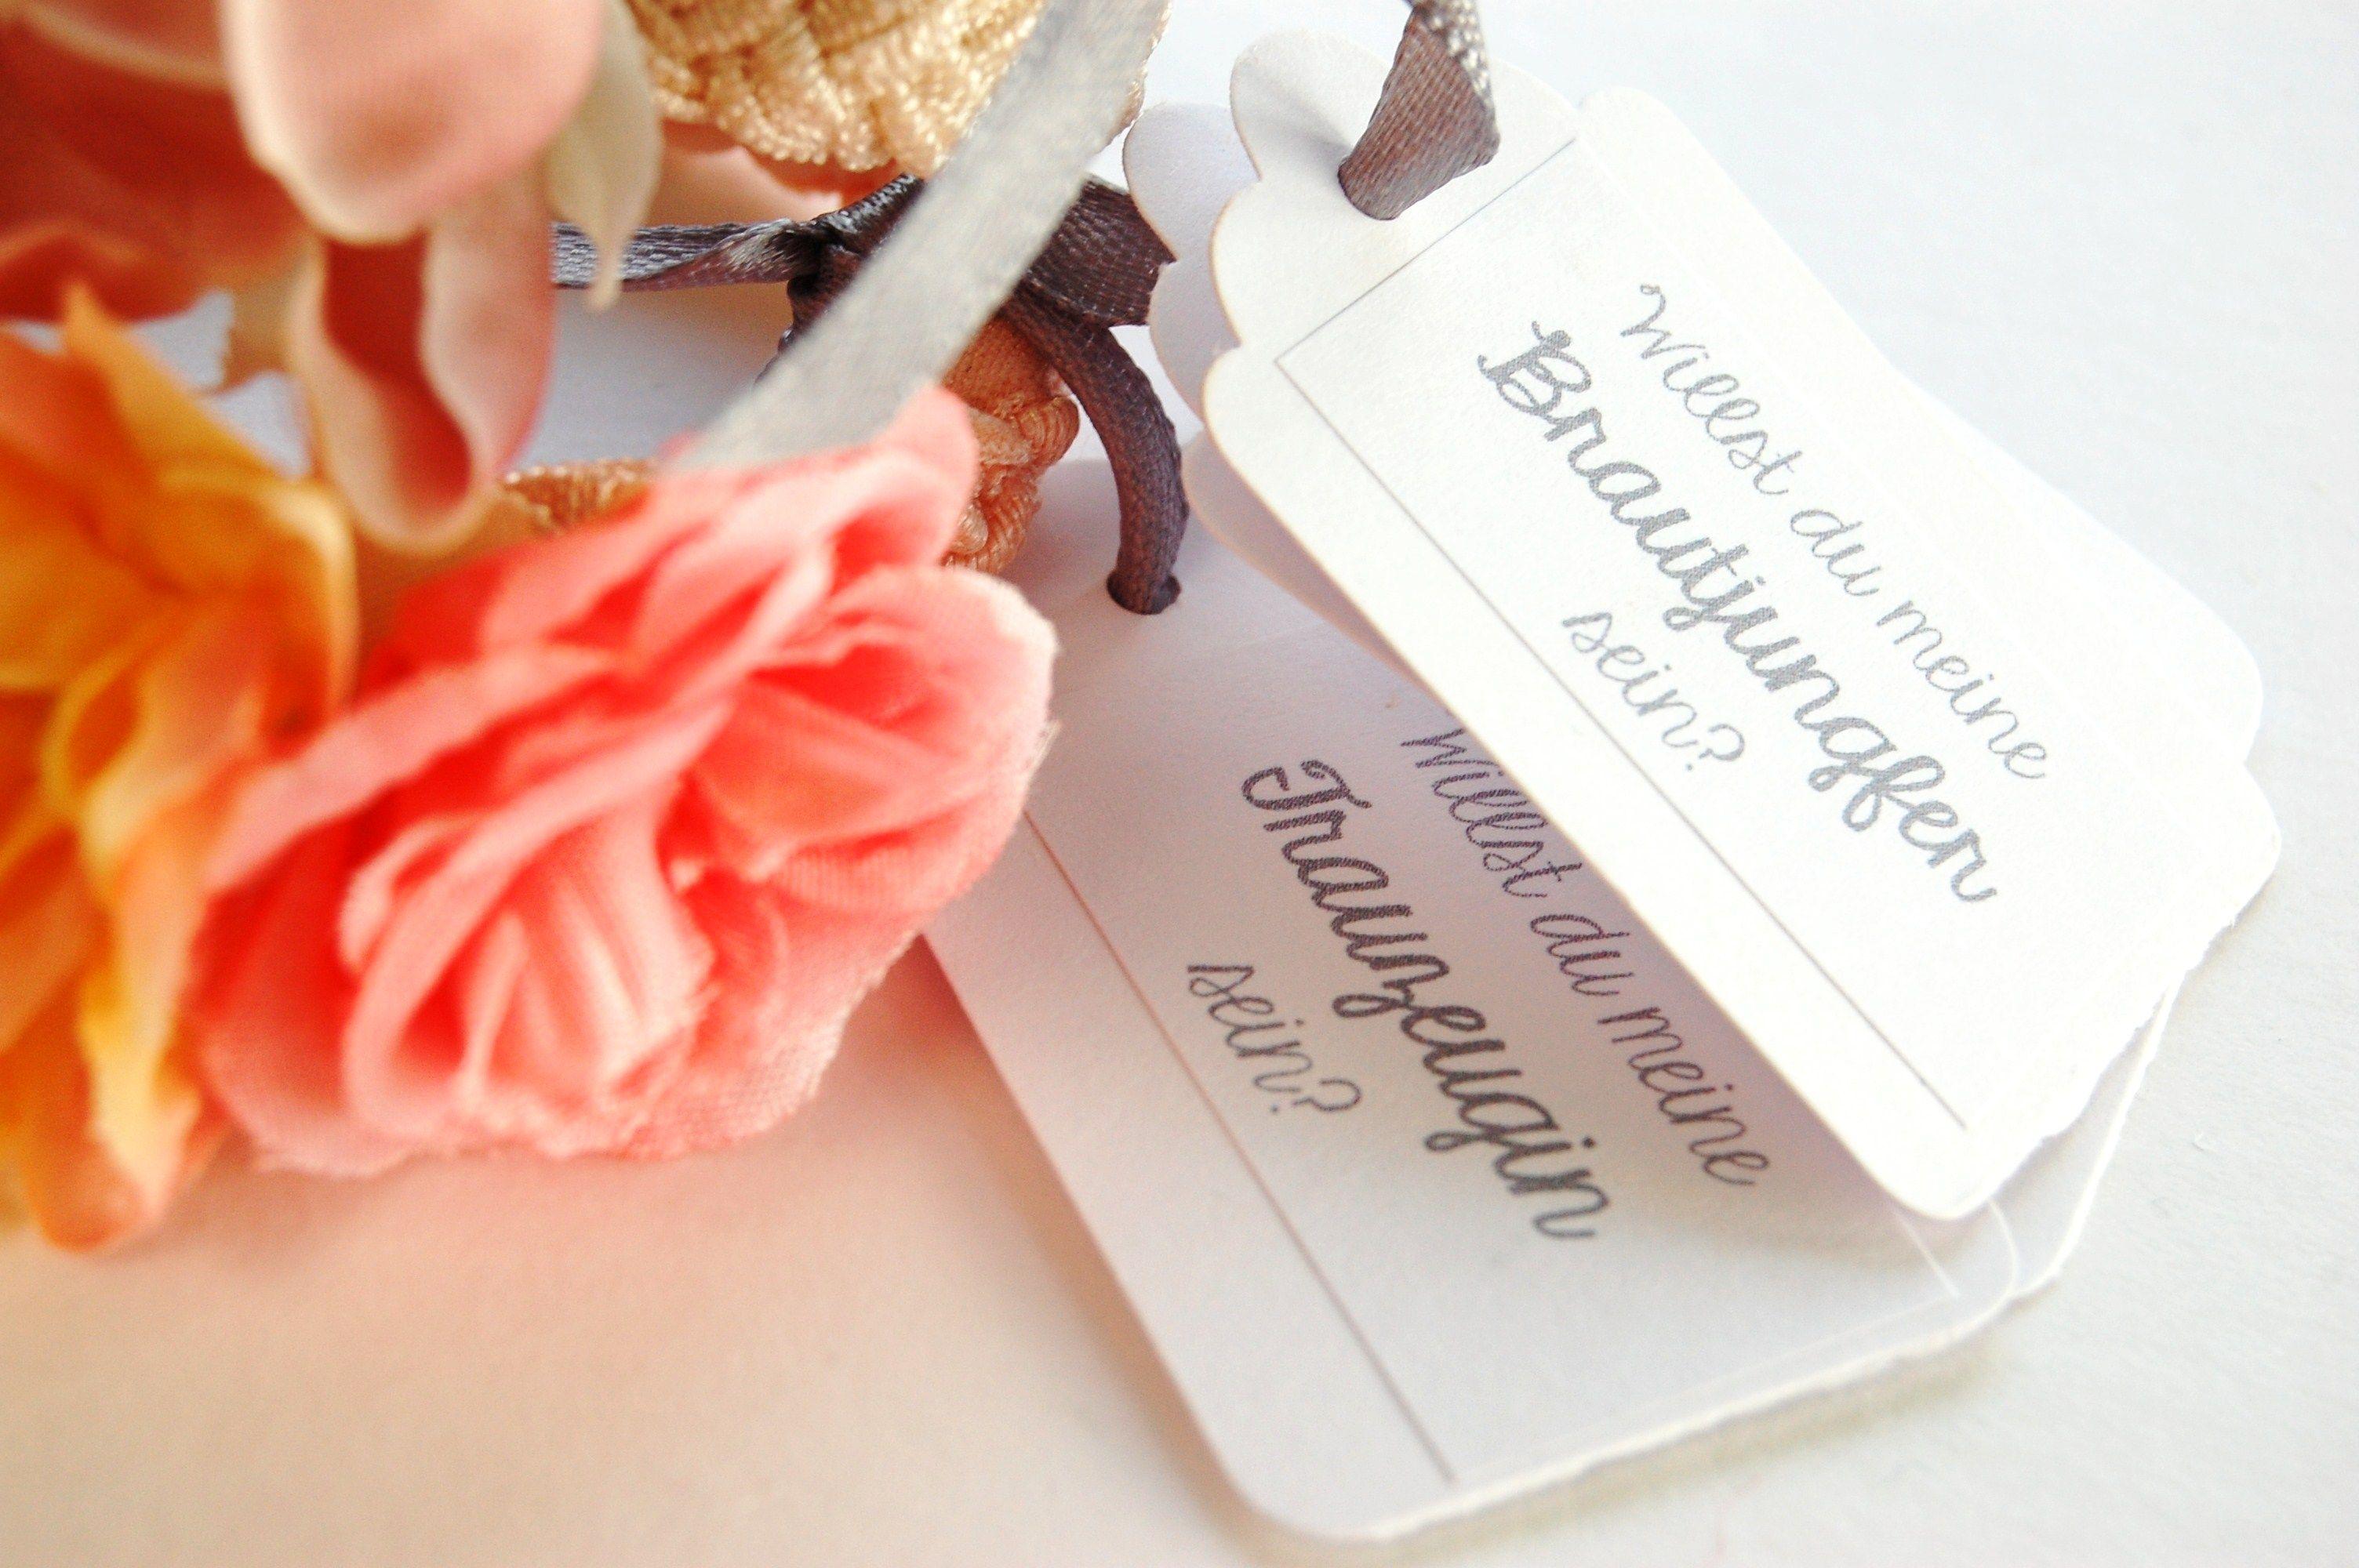 Brautschmuck armband blumen  Geflochtenes Armband mit Blüten als Geschenk für die Trauzeugin ...